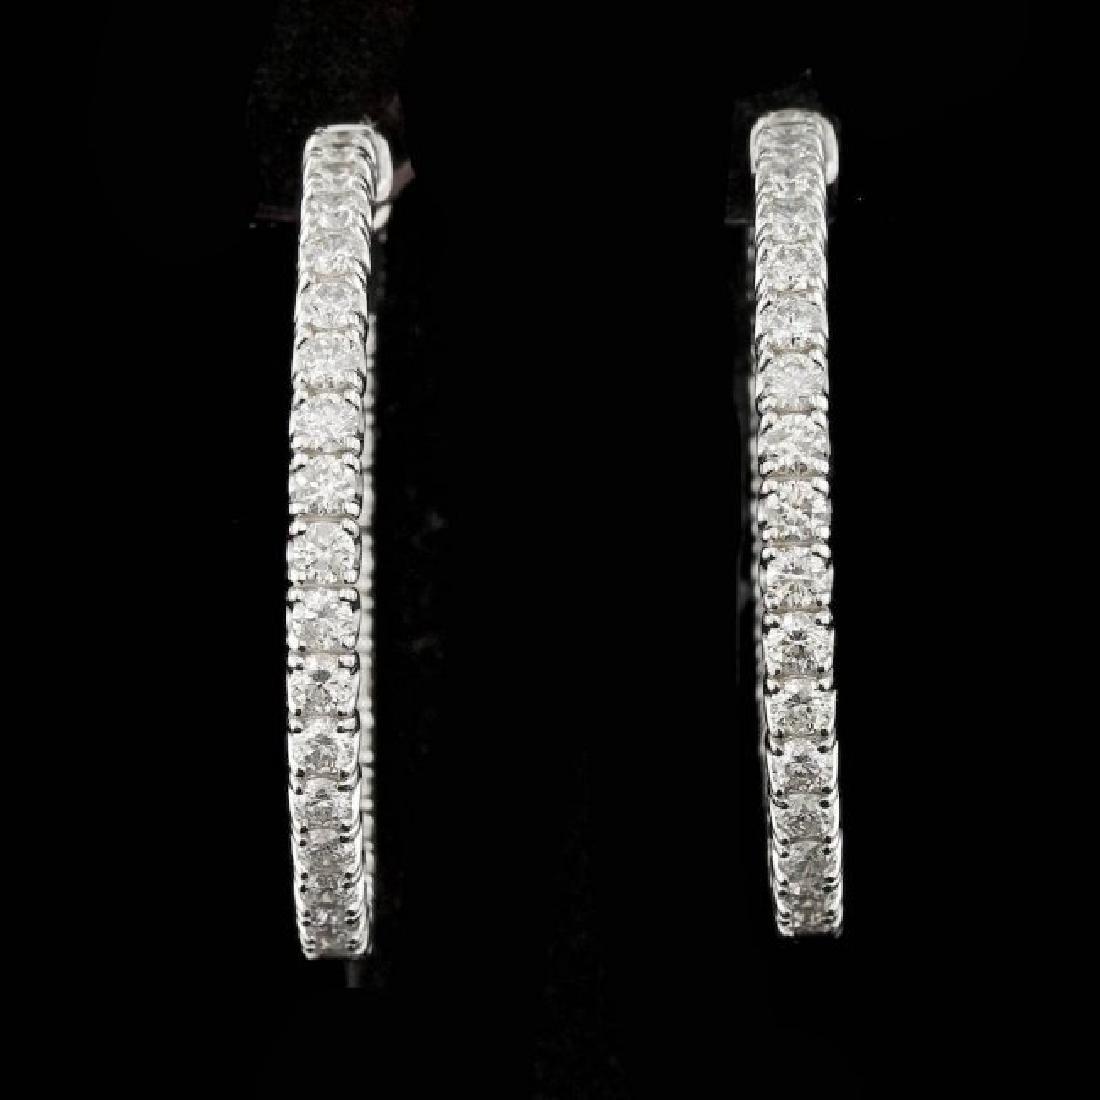 14k White Gold 4.50ct Diamond Earrings